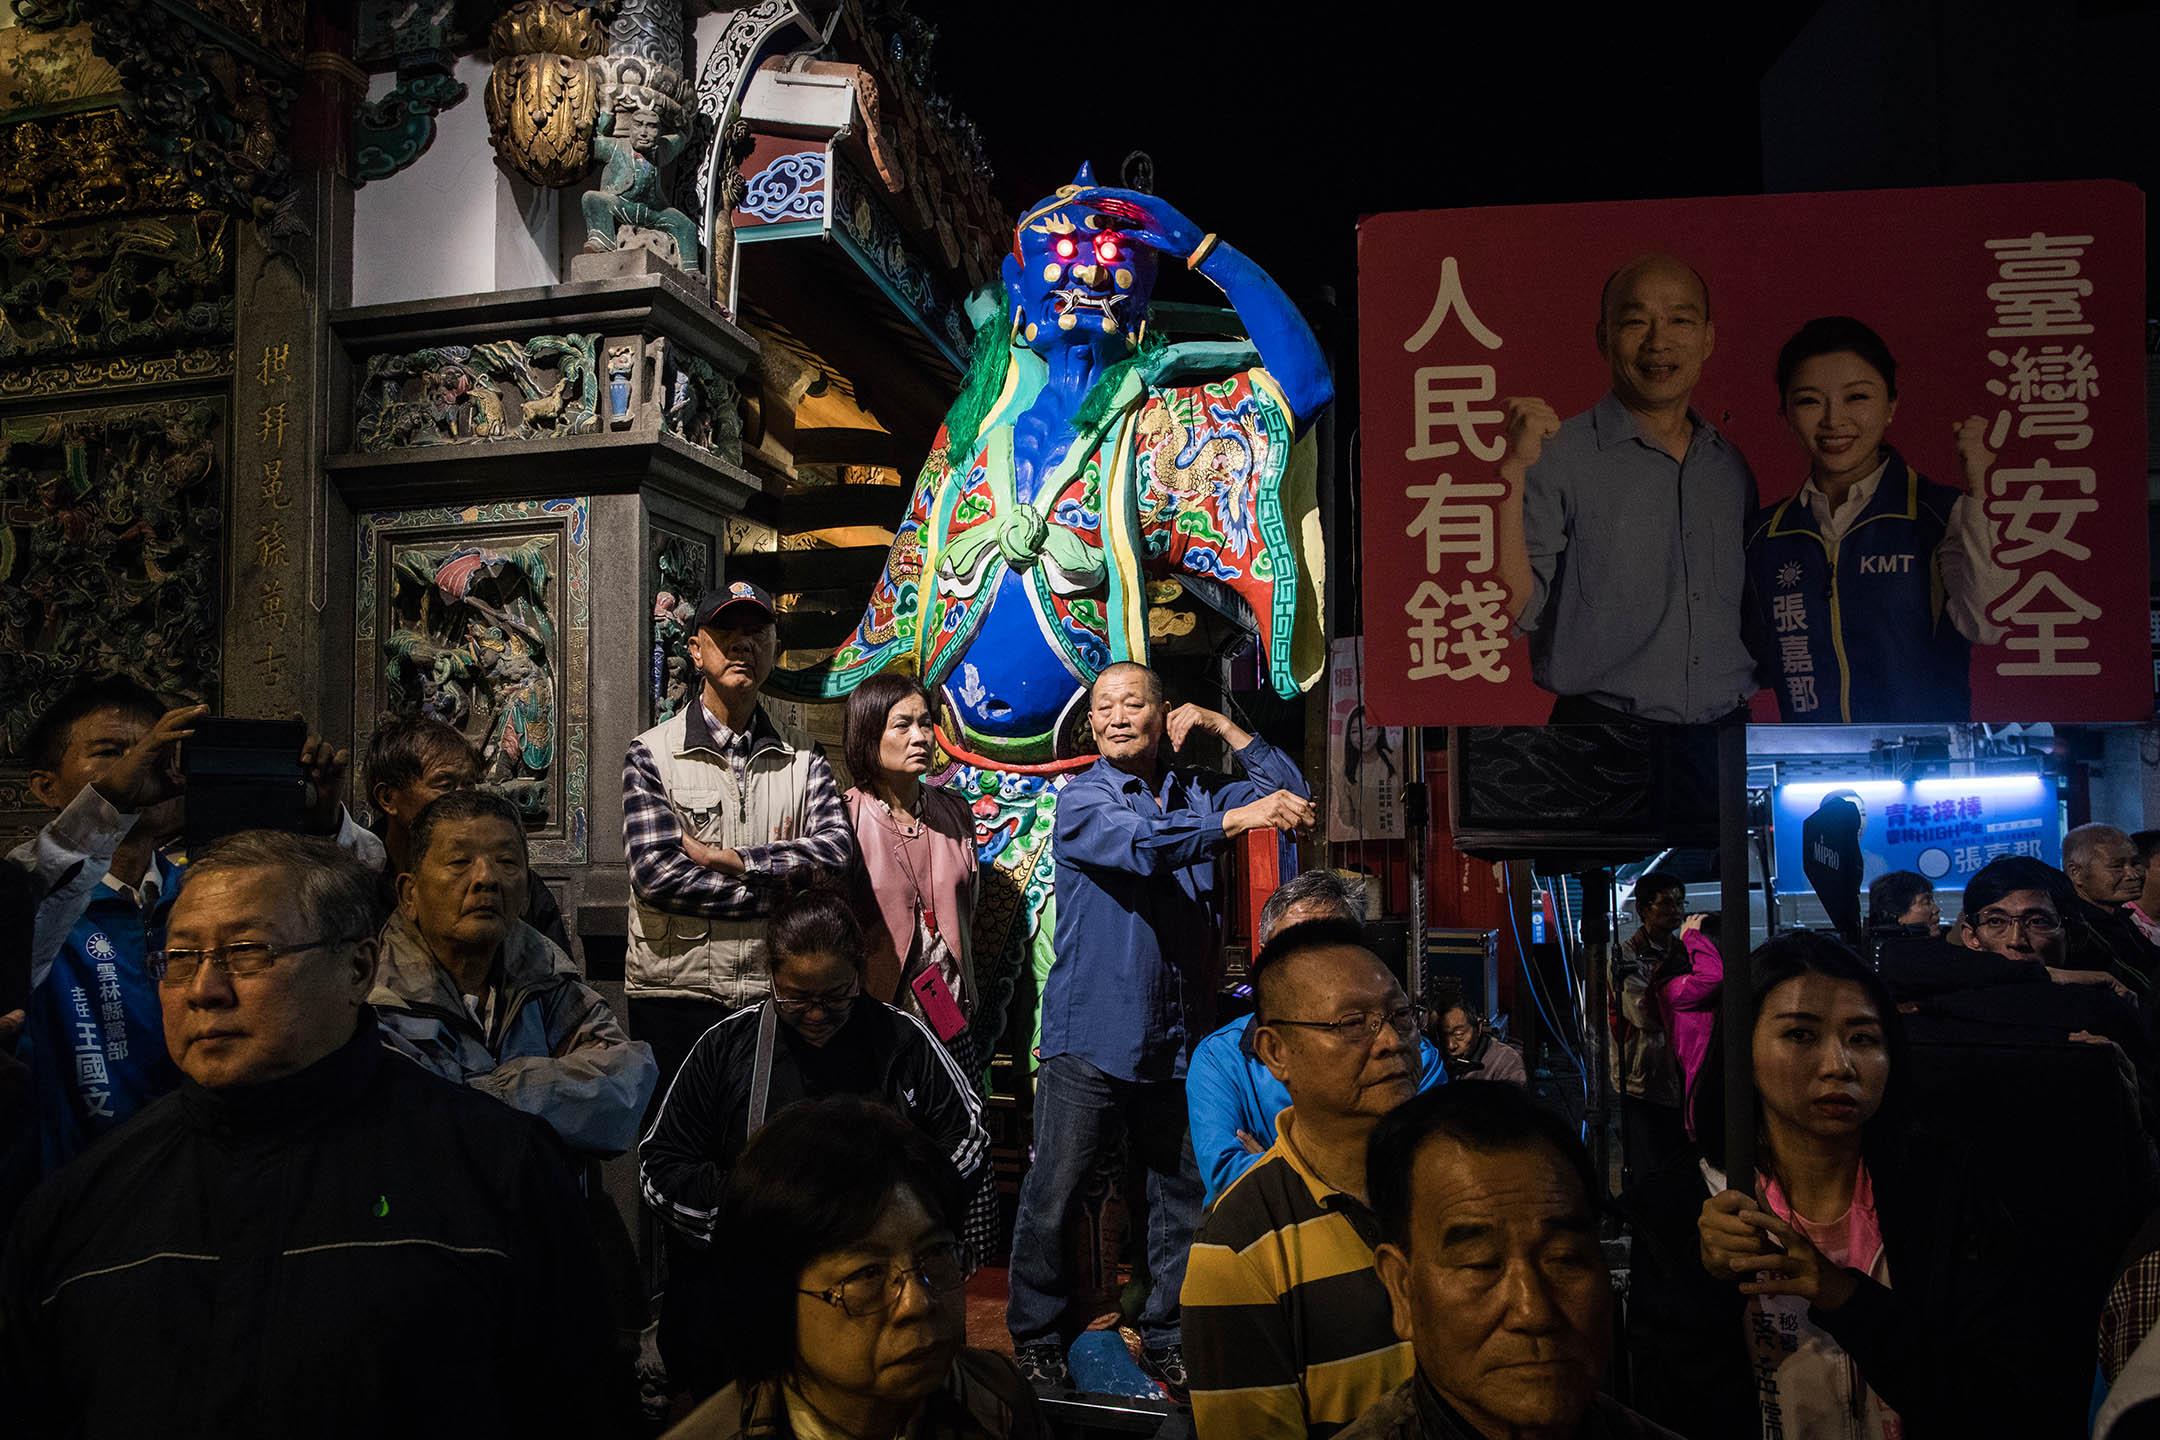 2019年12月14日,台灣雲林市麥寮拱範宮,民眾等待總統候選人韓國瑜進廟拜祭媽祖。